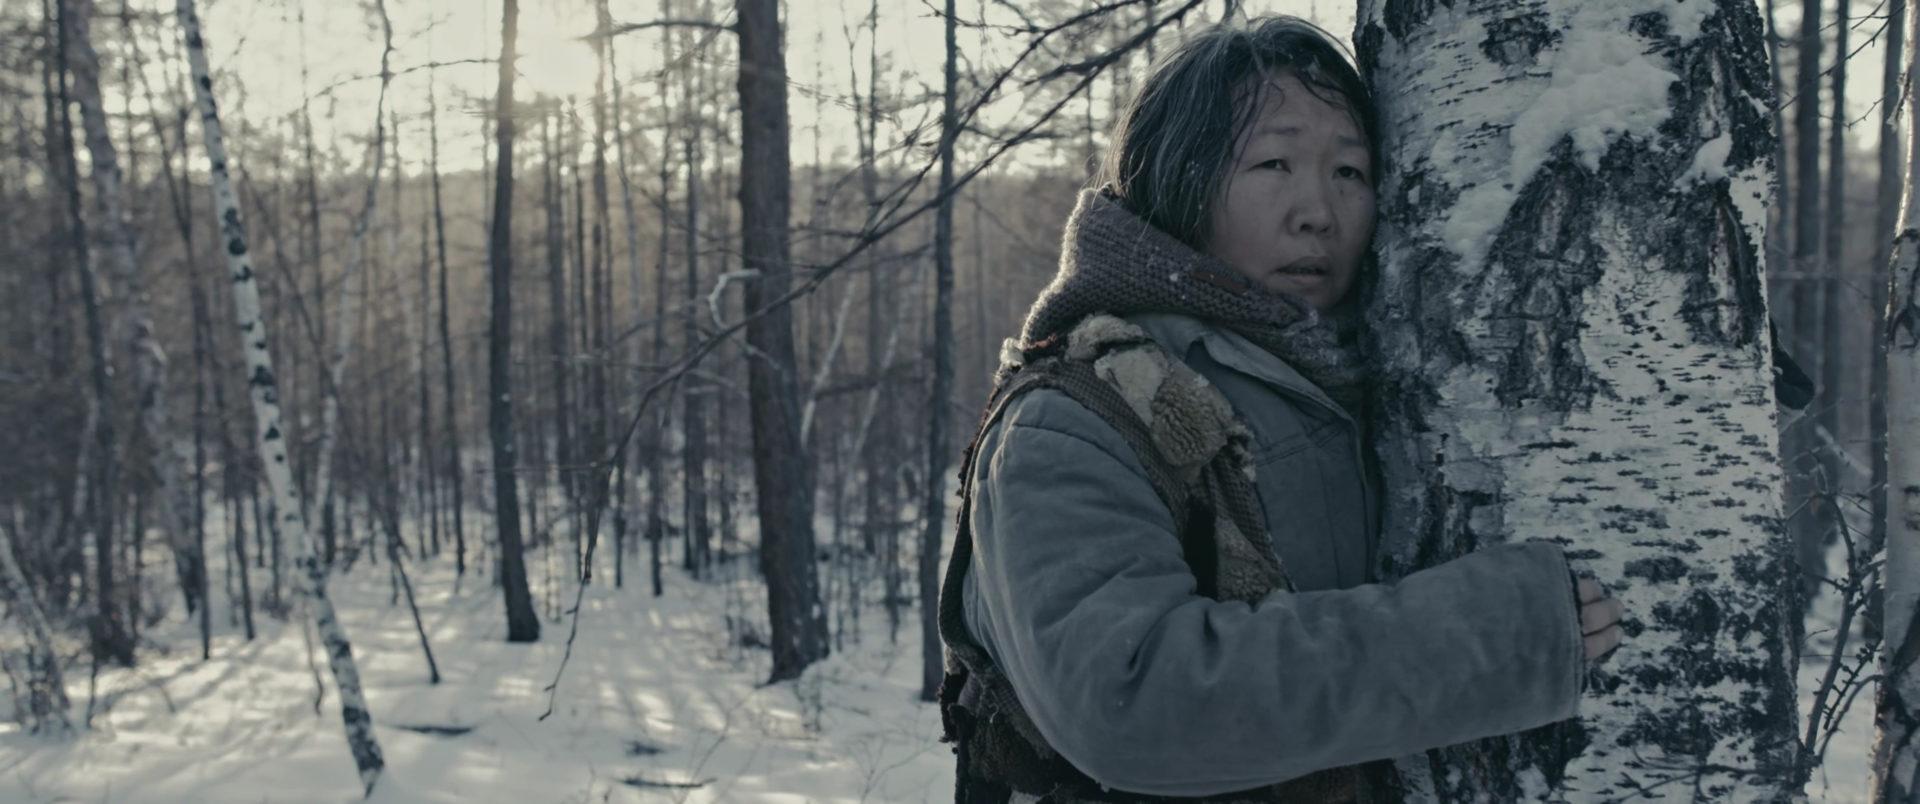 Победоносный фильм Дмитрия Давыдова «Пугало» выйдет в прокат в феврале